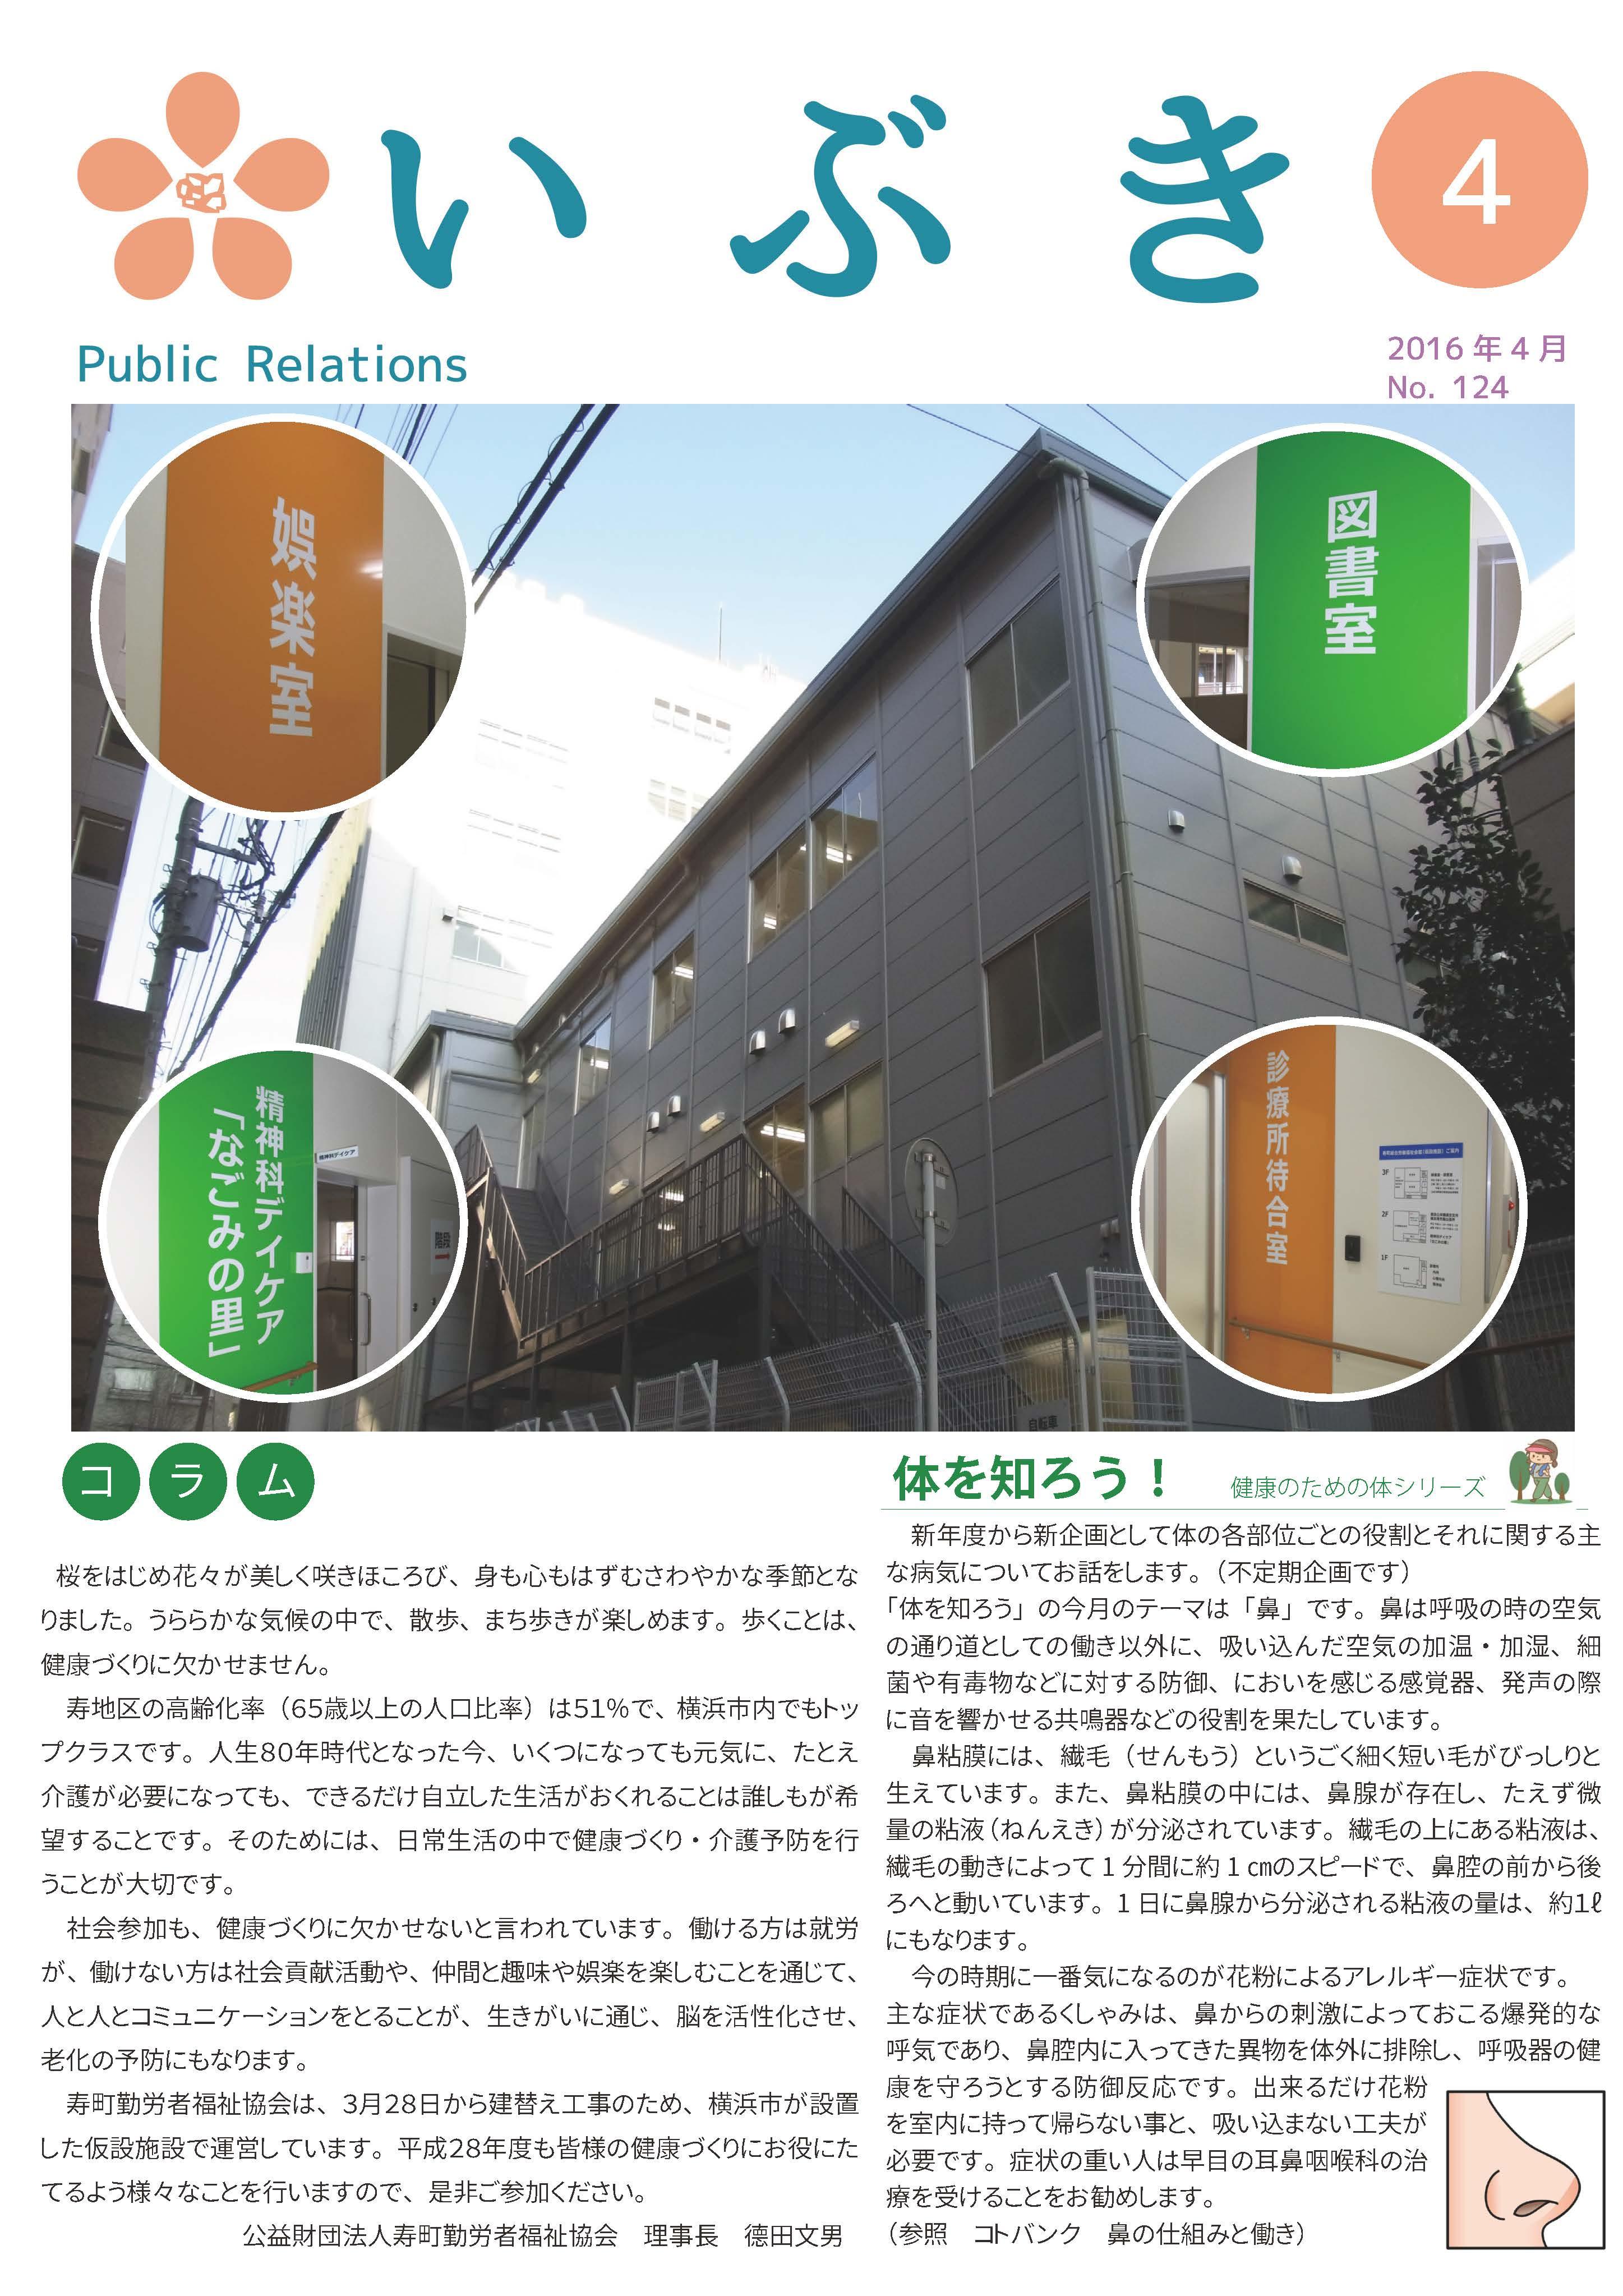 広報誌いぶき2016.4月号(No.124)